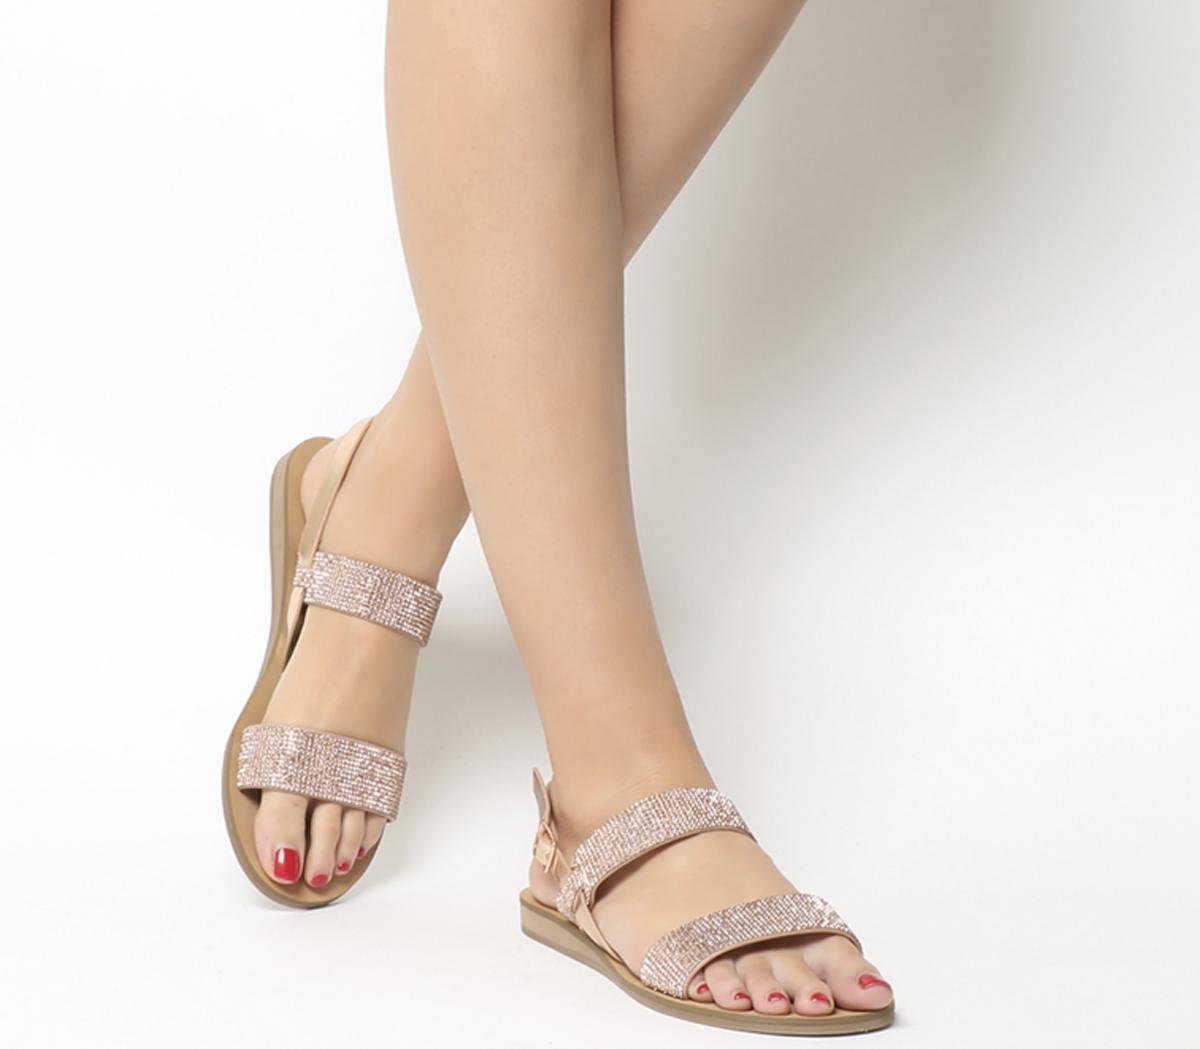 Sherbert Embellished Two Strap Sandals